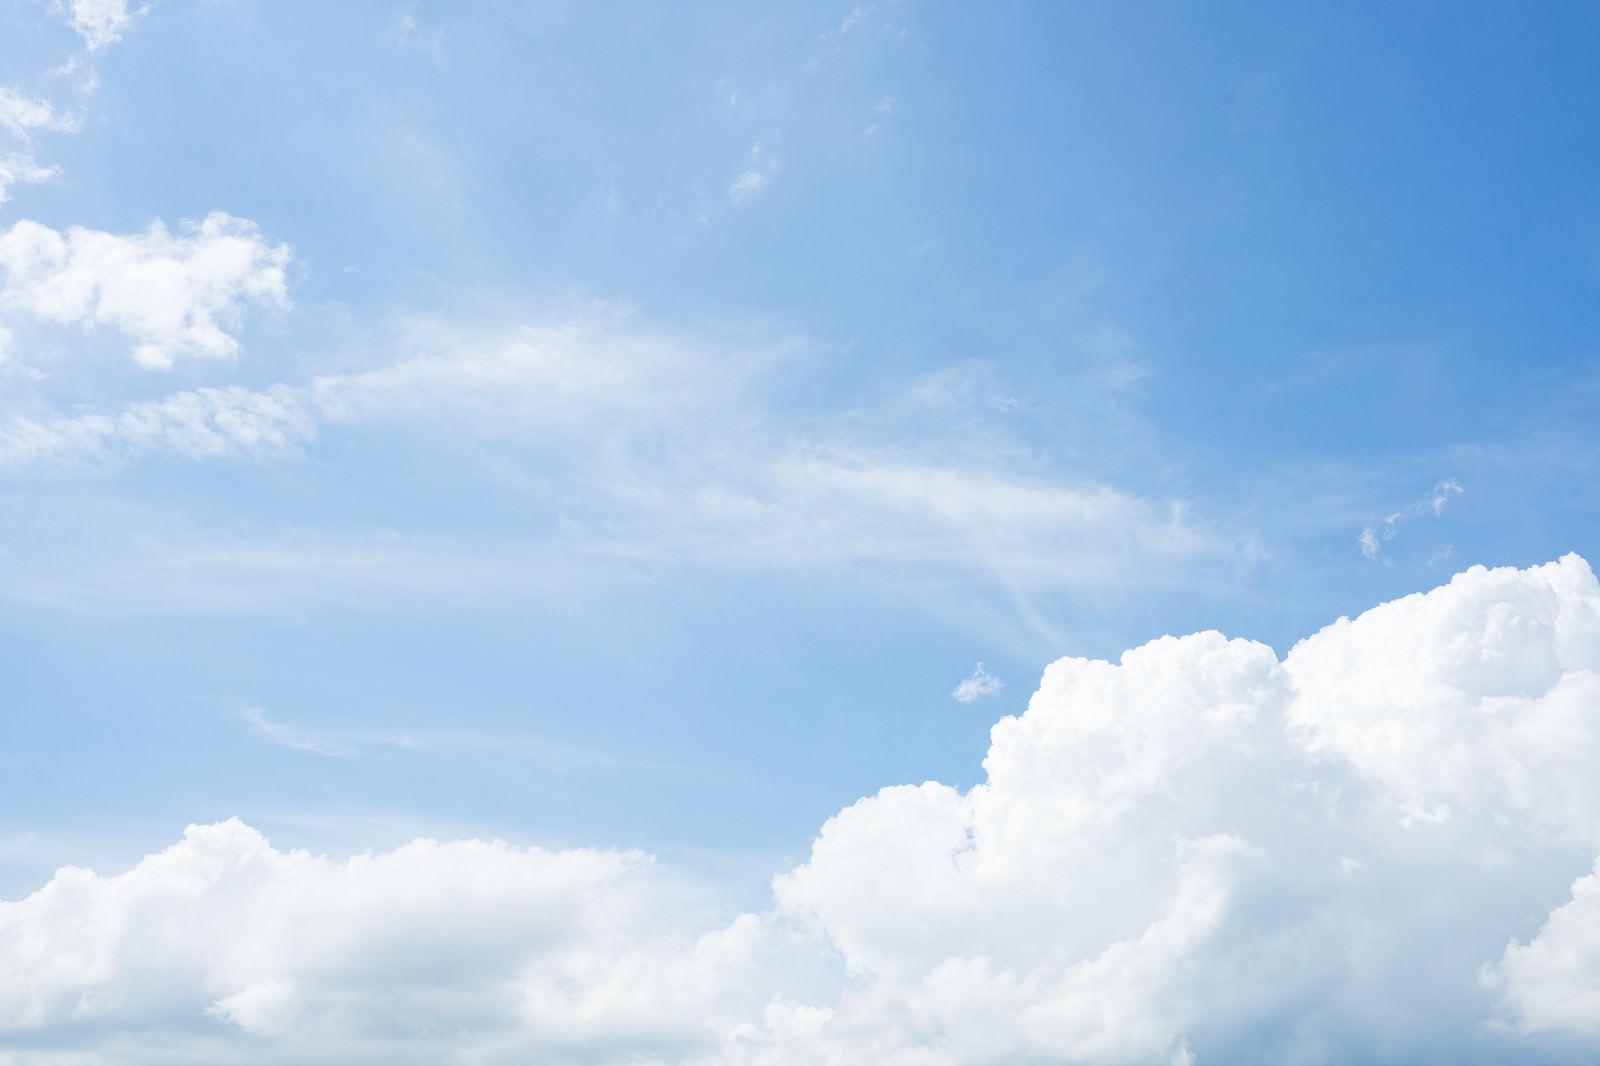 「青空と雲青空と雲」のフリー写真素材を拡大